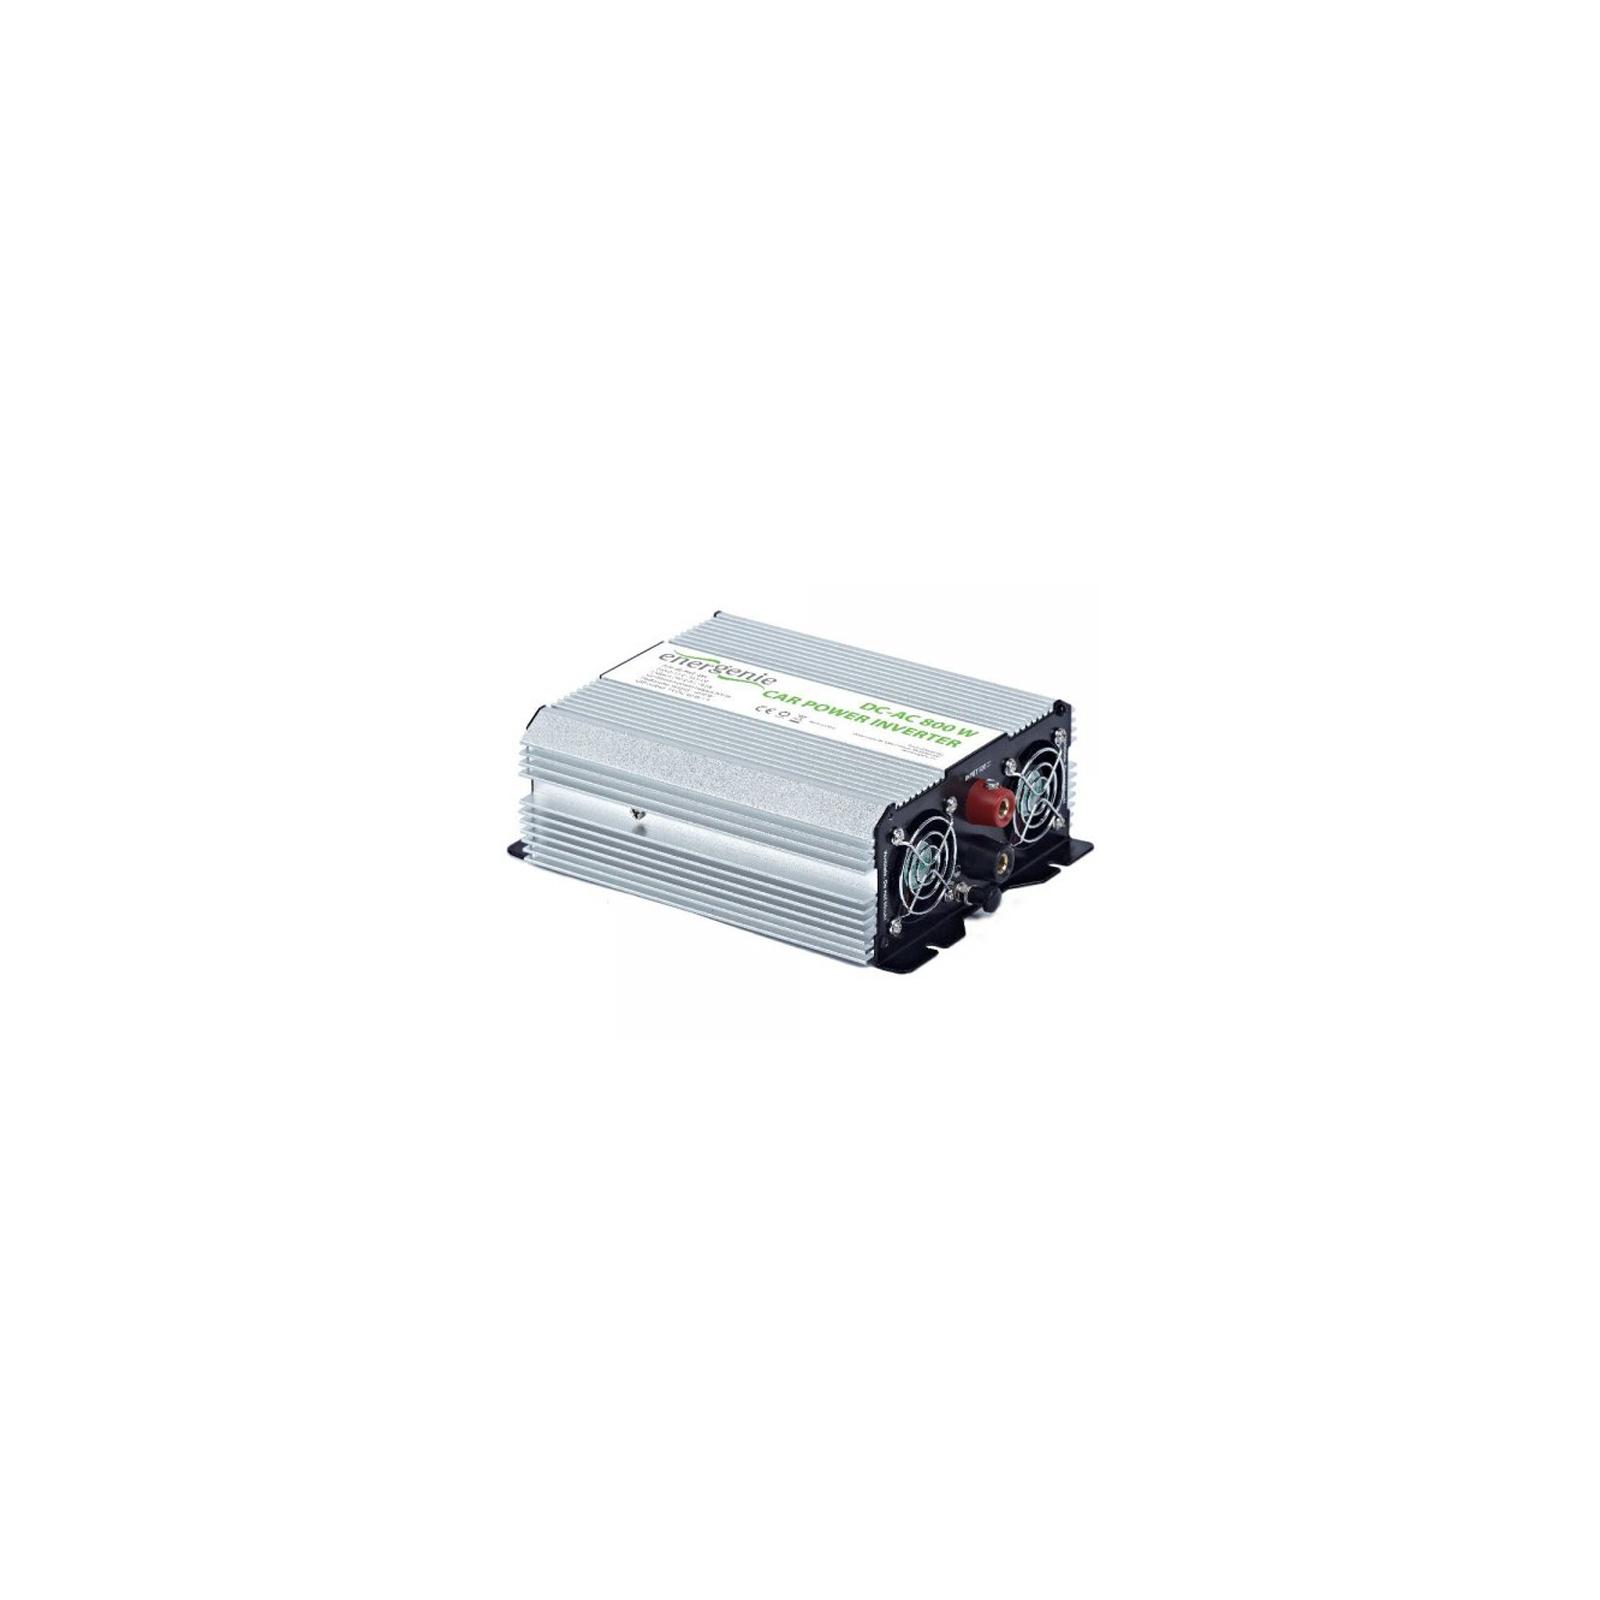 Автомобильный инвертор 12V/220V 800 Вт EnerGenie (EG-PWC-034) изображение 2